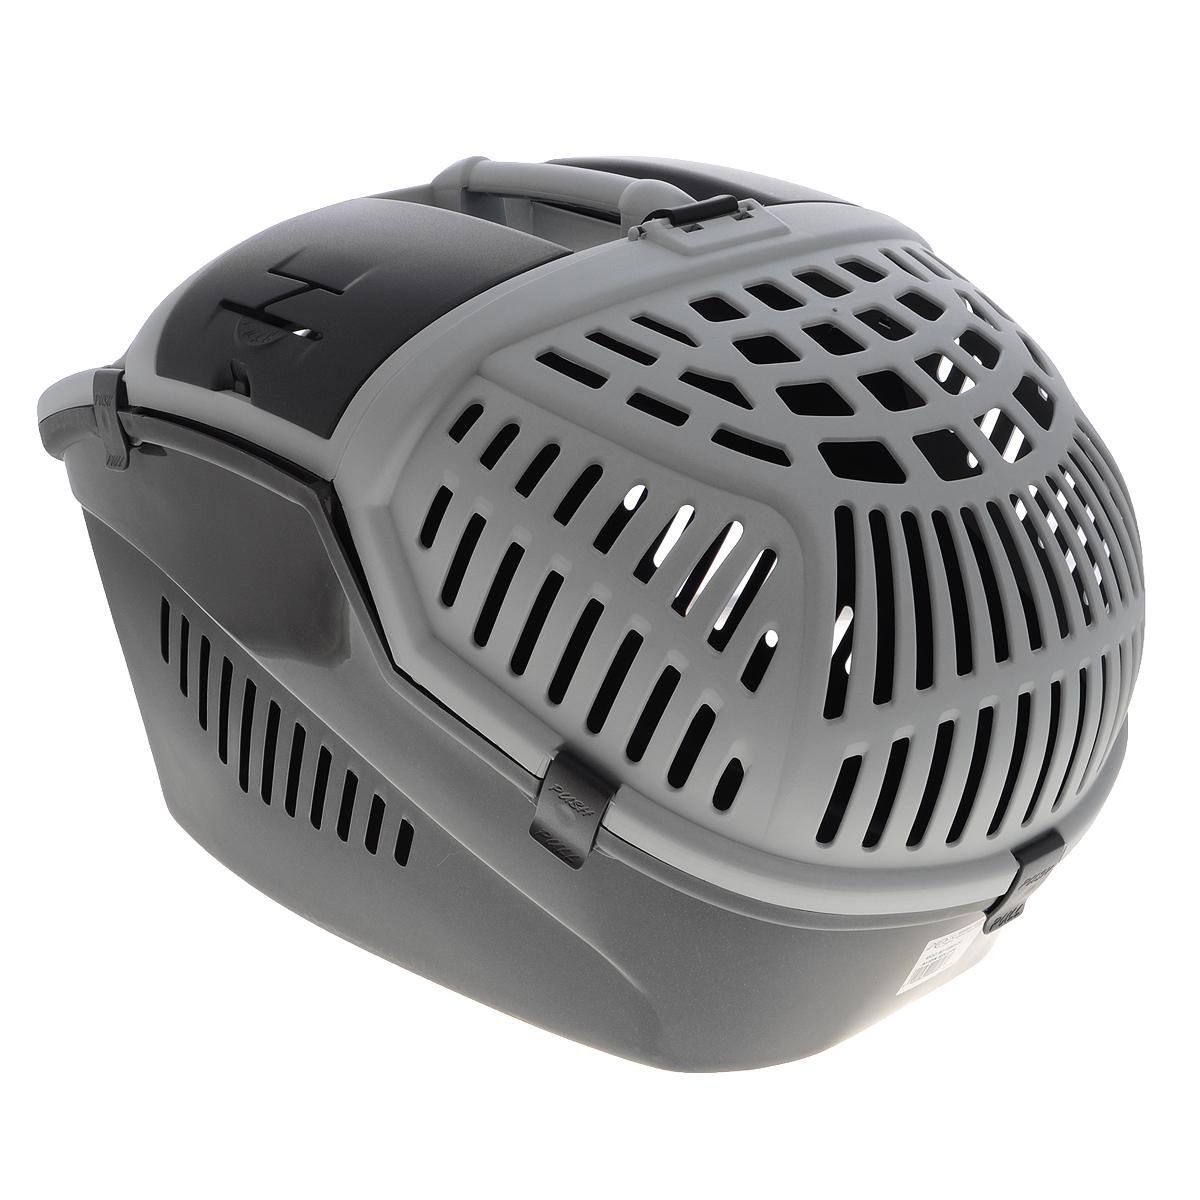 Переноска для животных MPS Avior, цвет: серый, 57,5 см х 39,5 см х 40,5 см0120710Переноска MPS Avior, выполненная из высококачественного пластика, прекрасно подойдет для транспортировки кошек и собак. Крышка и стенки переноски оснащены отверстиями для вентиляции. Прочная ручка обеспечивает большую безопасность при переноске. Крышка надежно крепится к корпусу при помощи защелок. Переноска может полностью открываться с двух сторон в вертикальном положении.Если Вы захотите успокоить Вашего питомца или угостить его лакомством, Вы можете просто открыть небольшой люк в верхней части переноски и просунуть внутрь руку.Кроме того, имеется небольшое отделение, где вы можете хранить воду, поводок или корм. а так же имеются отверстия для ремней безопасности для удобства перевоза любимца в машине.Размеры переноски: 57,5 см х 39,5 см х 40,5 см.